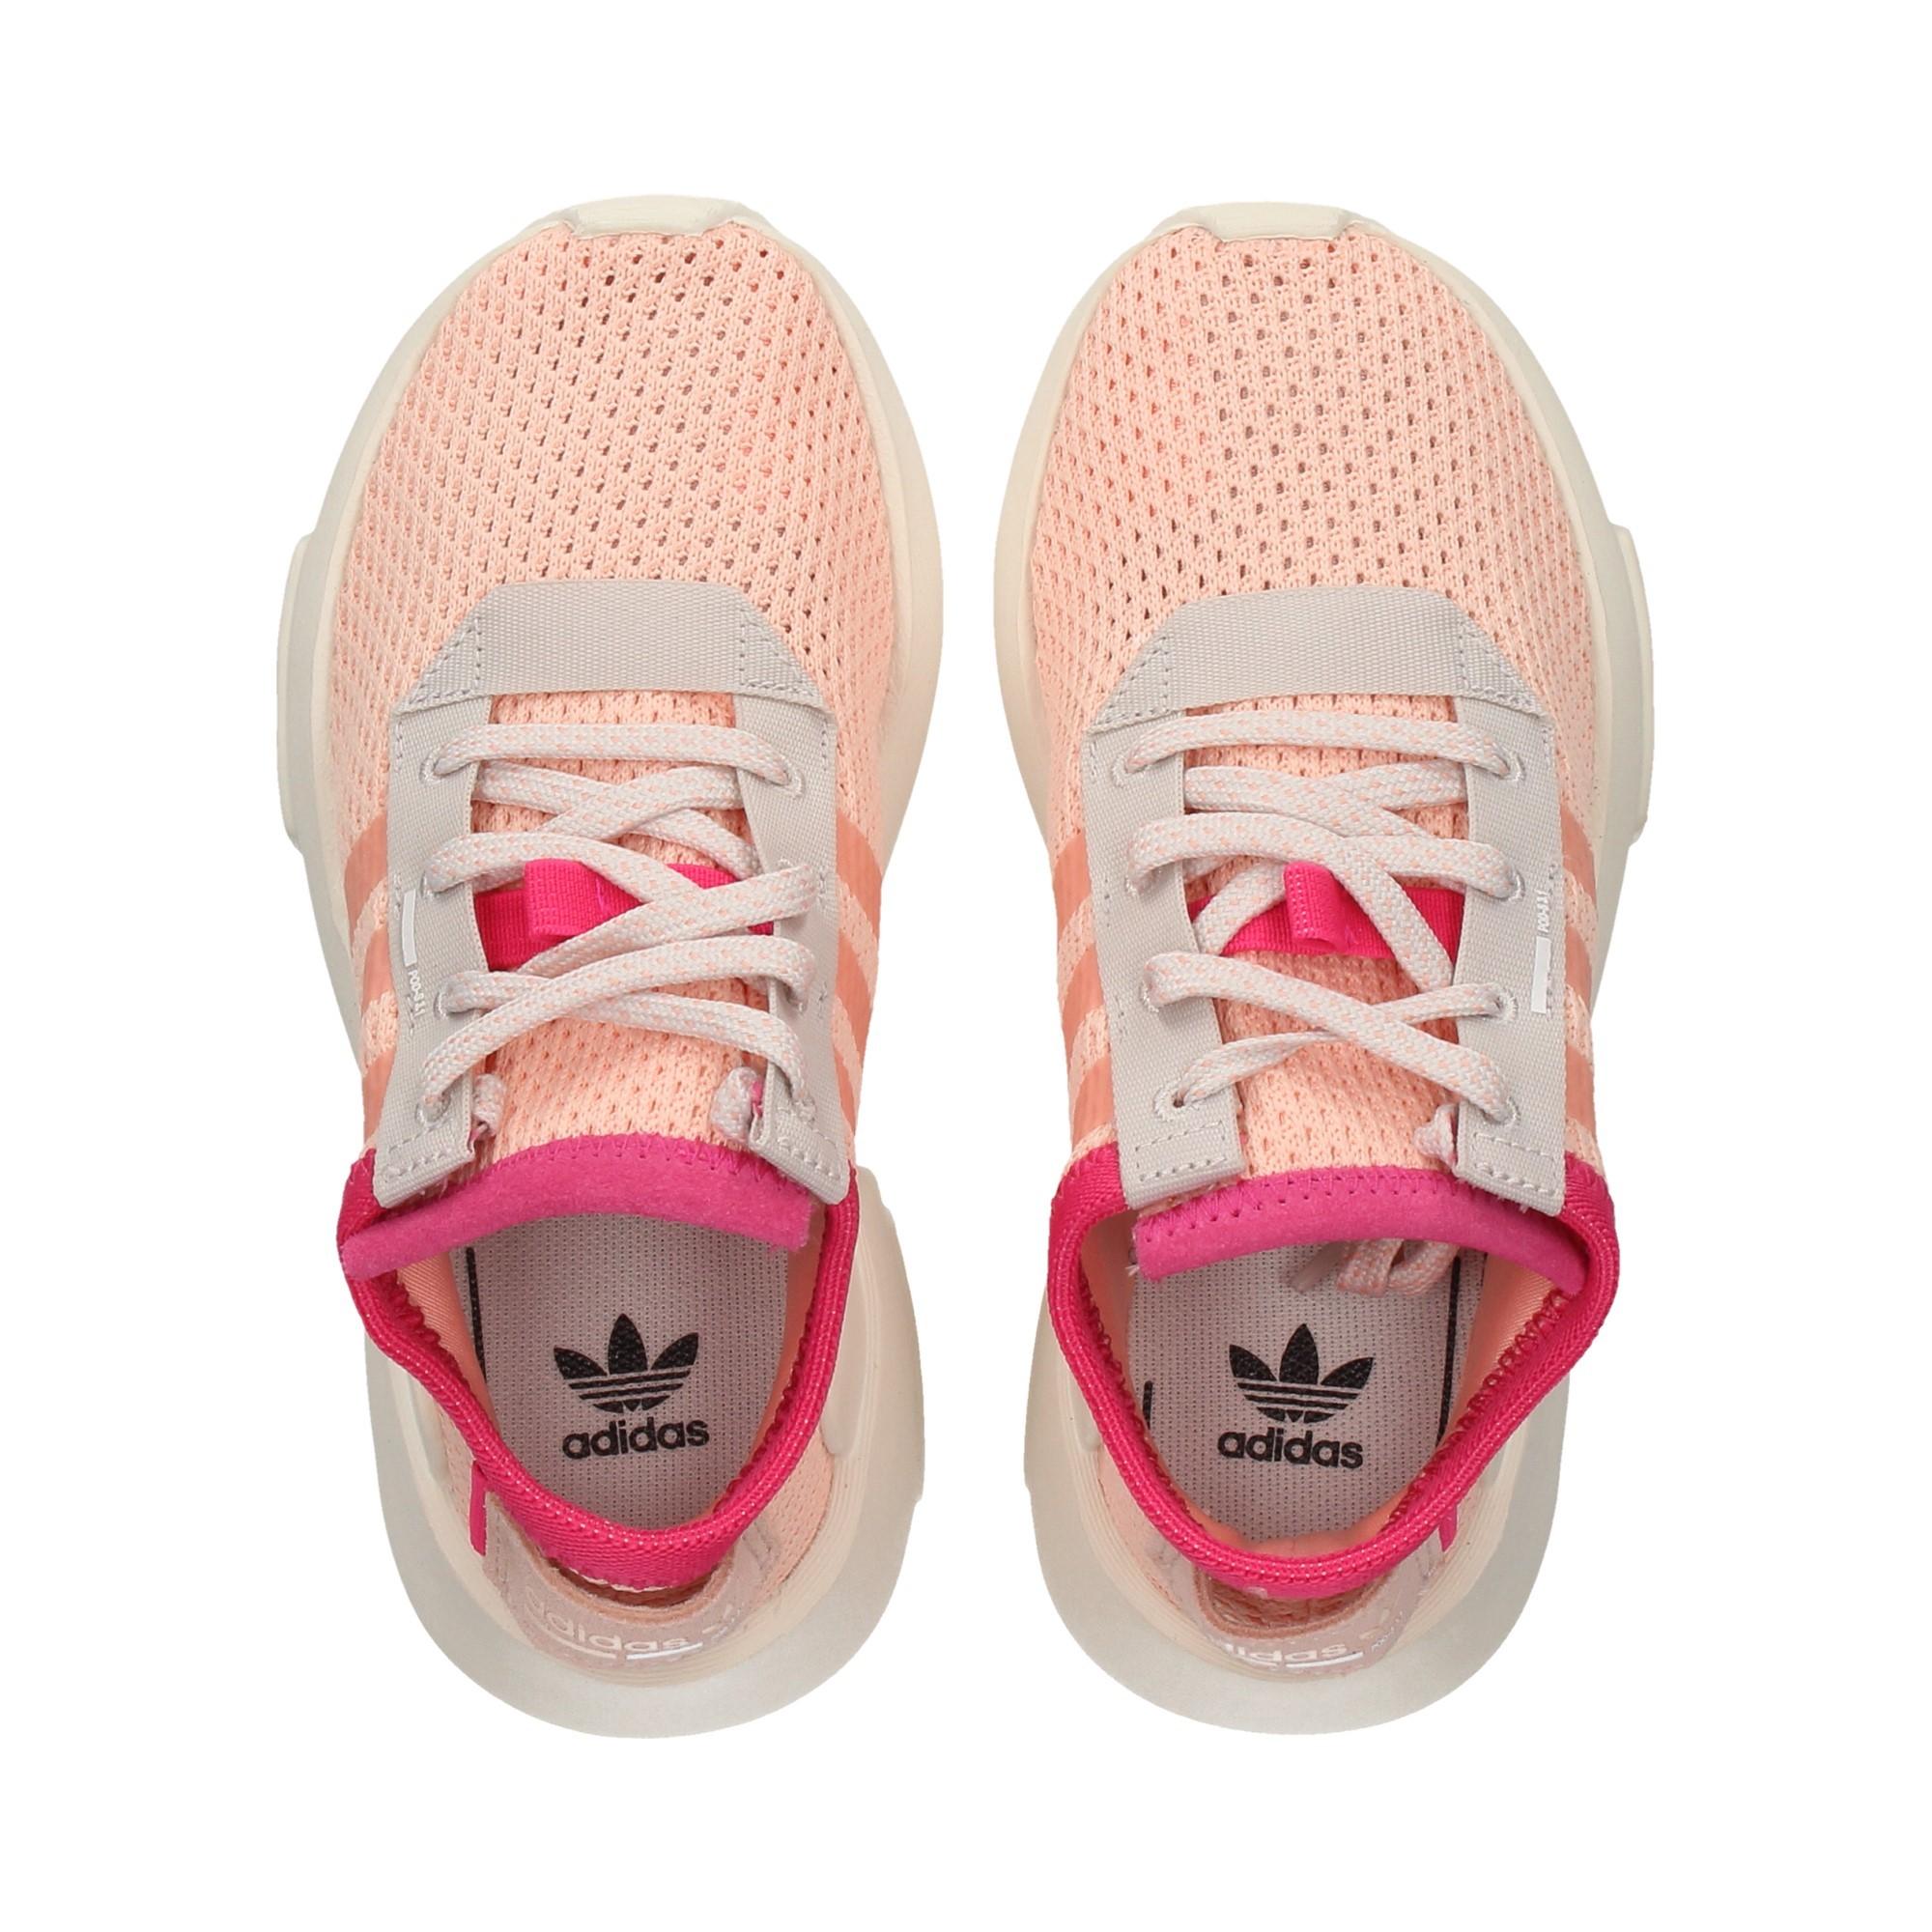 deportivo-malla-3-bandas-todo-rosa